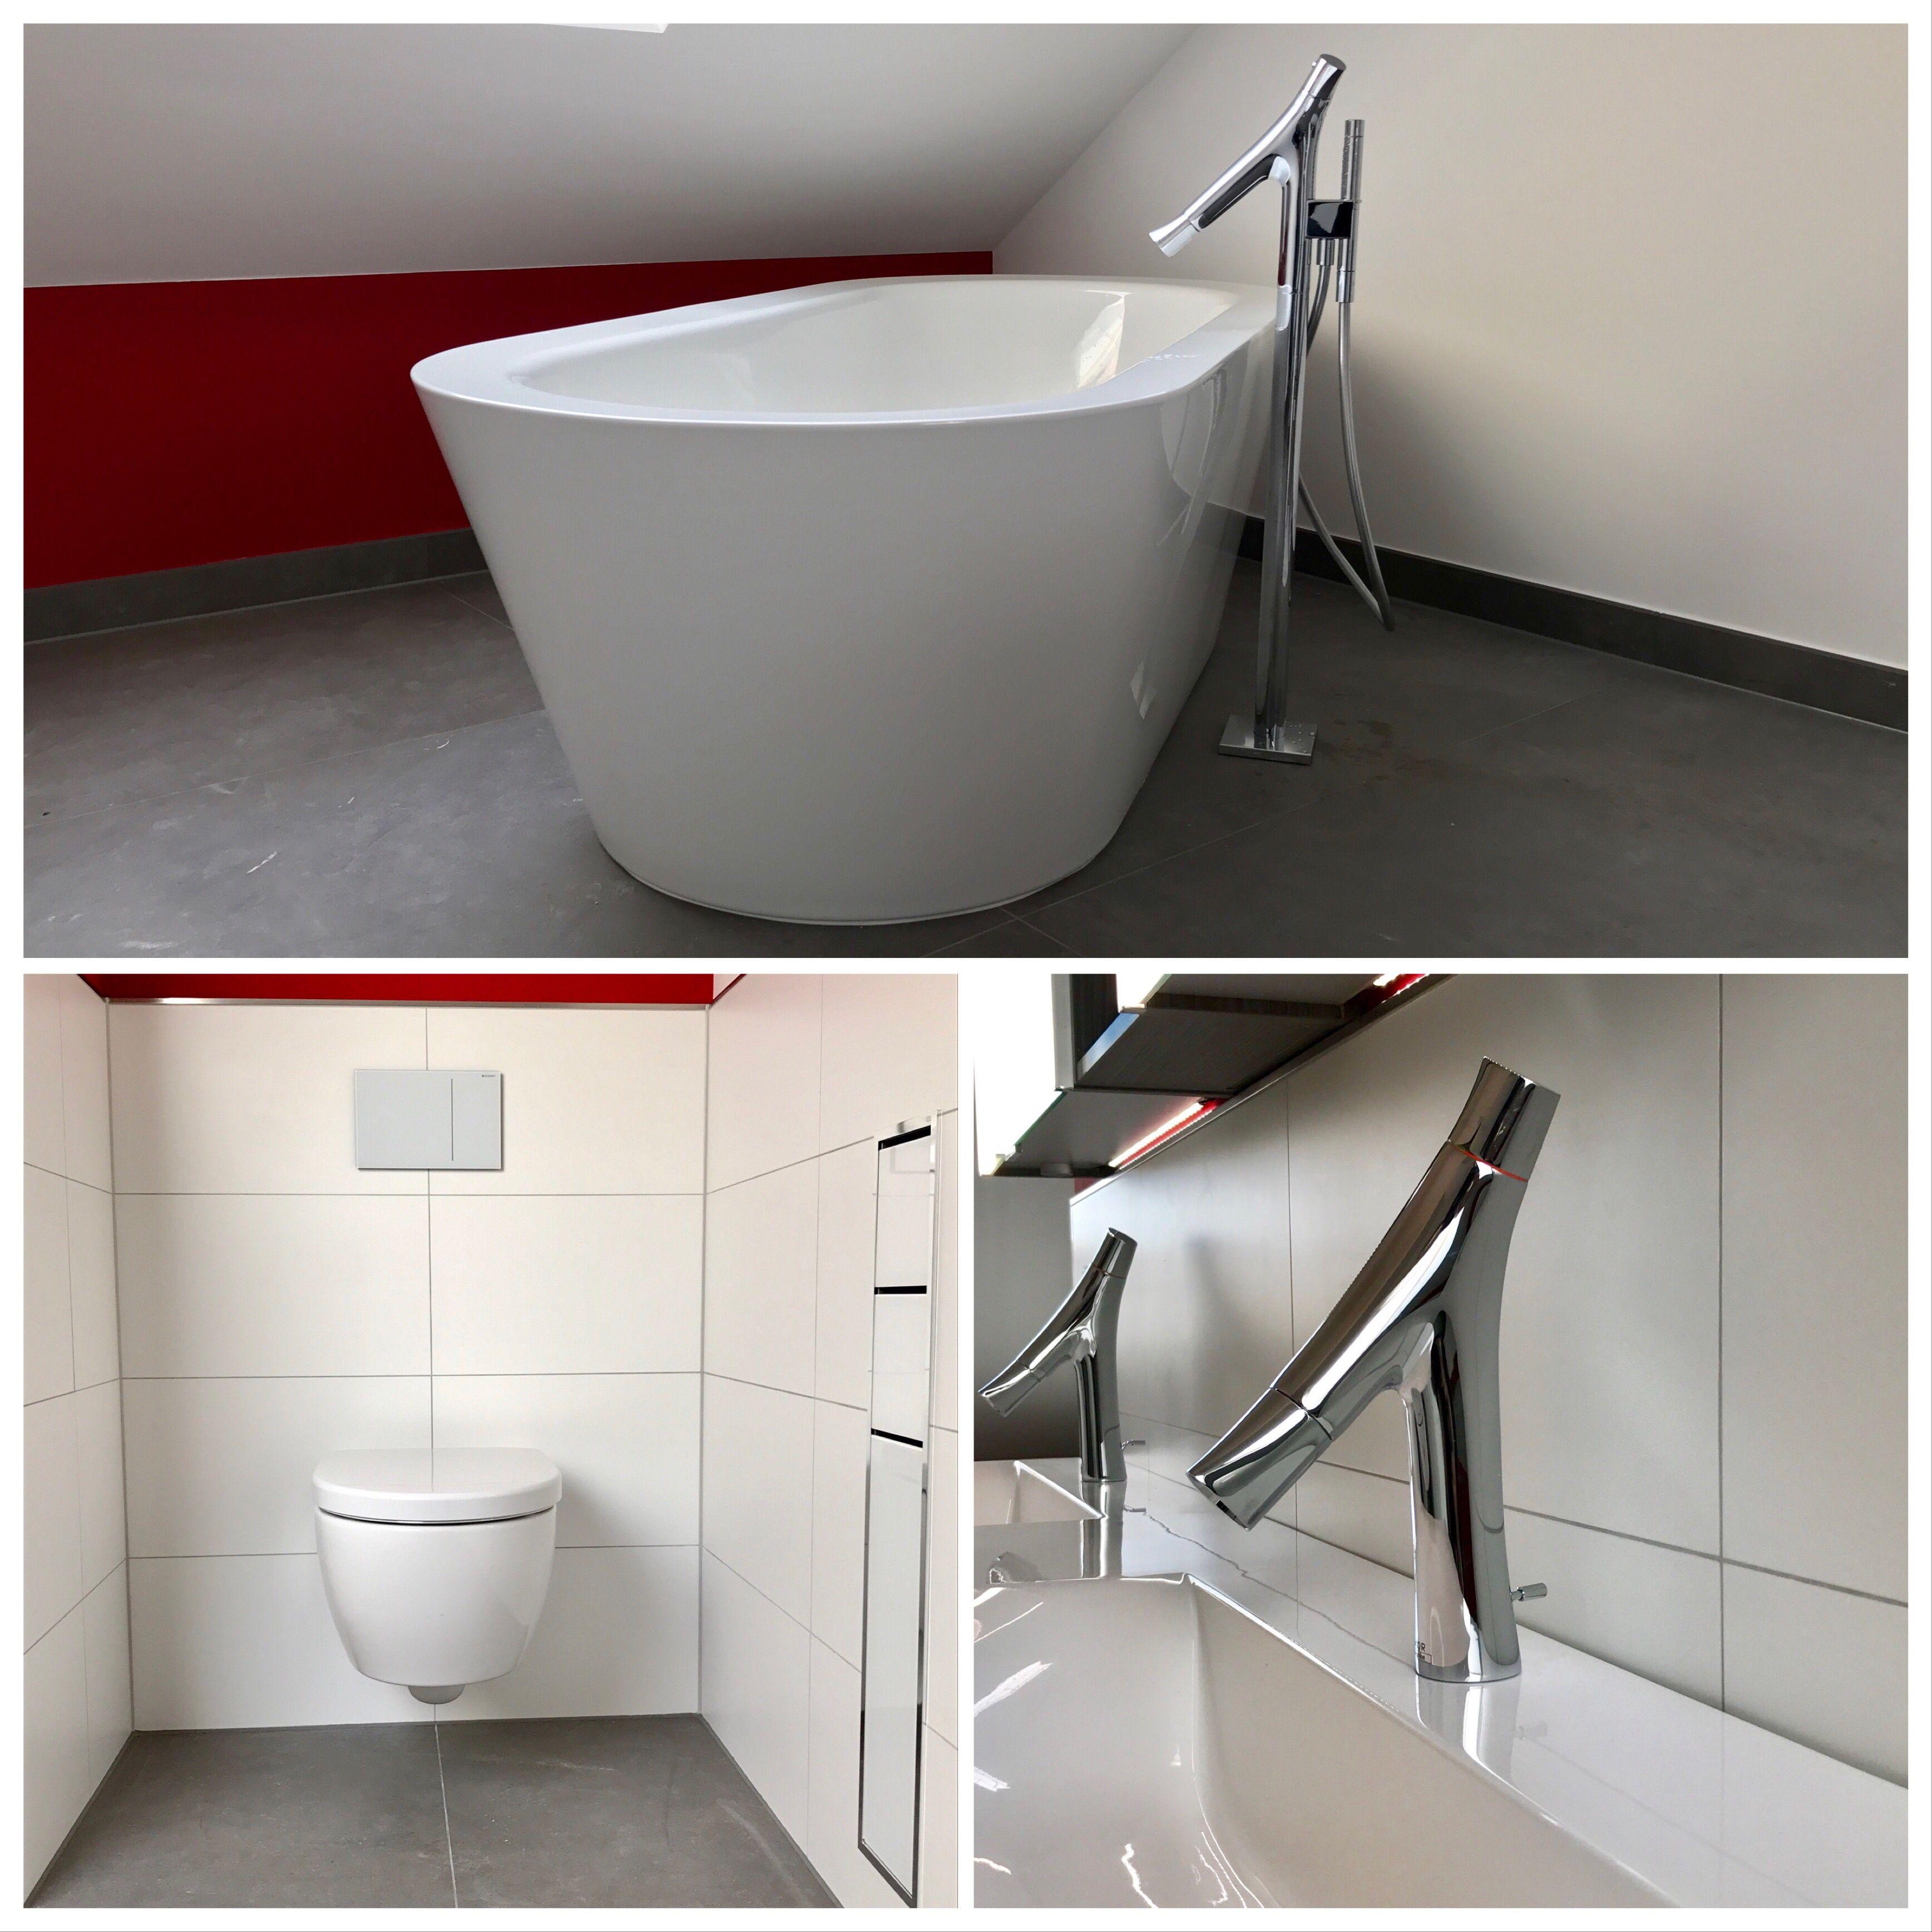 Freistehend Wanne, Wand WC, verdeckte WC Garnitur, WT mit